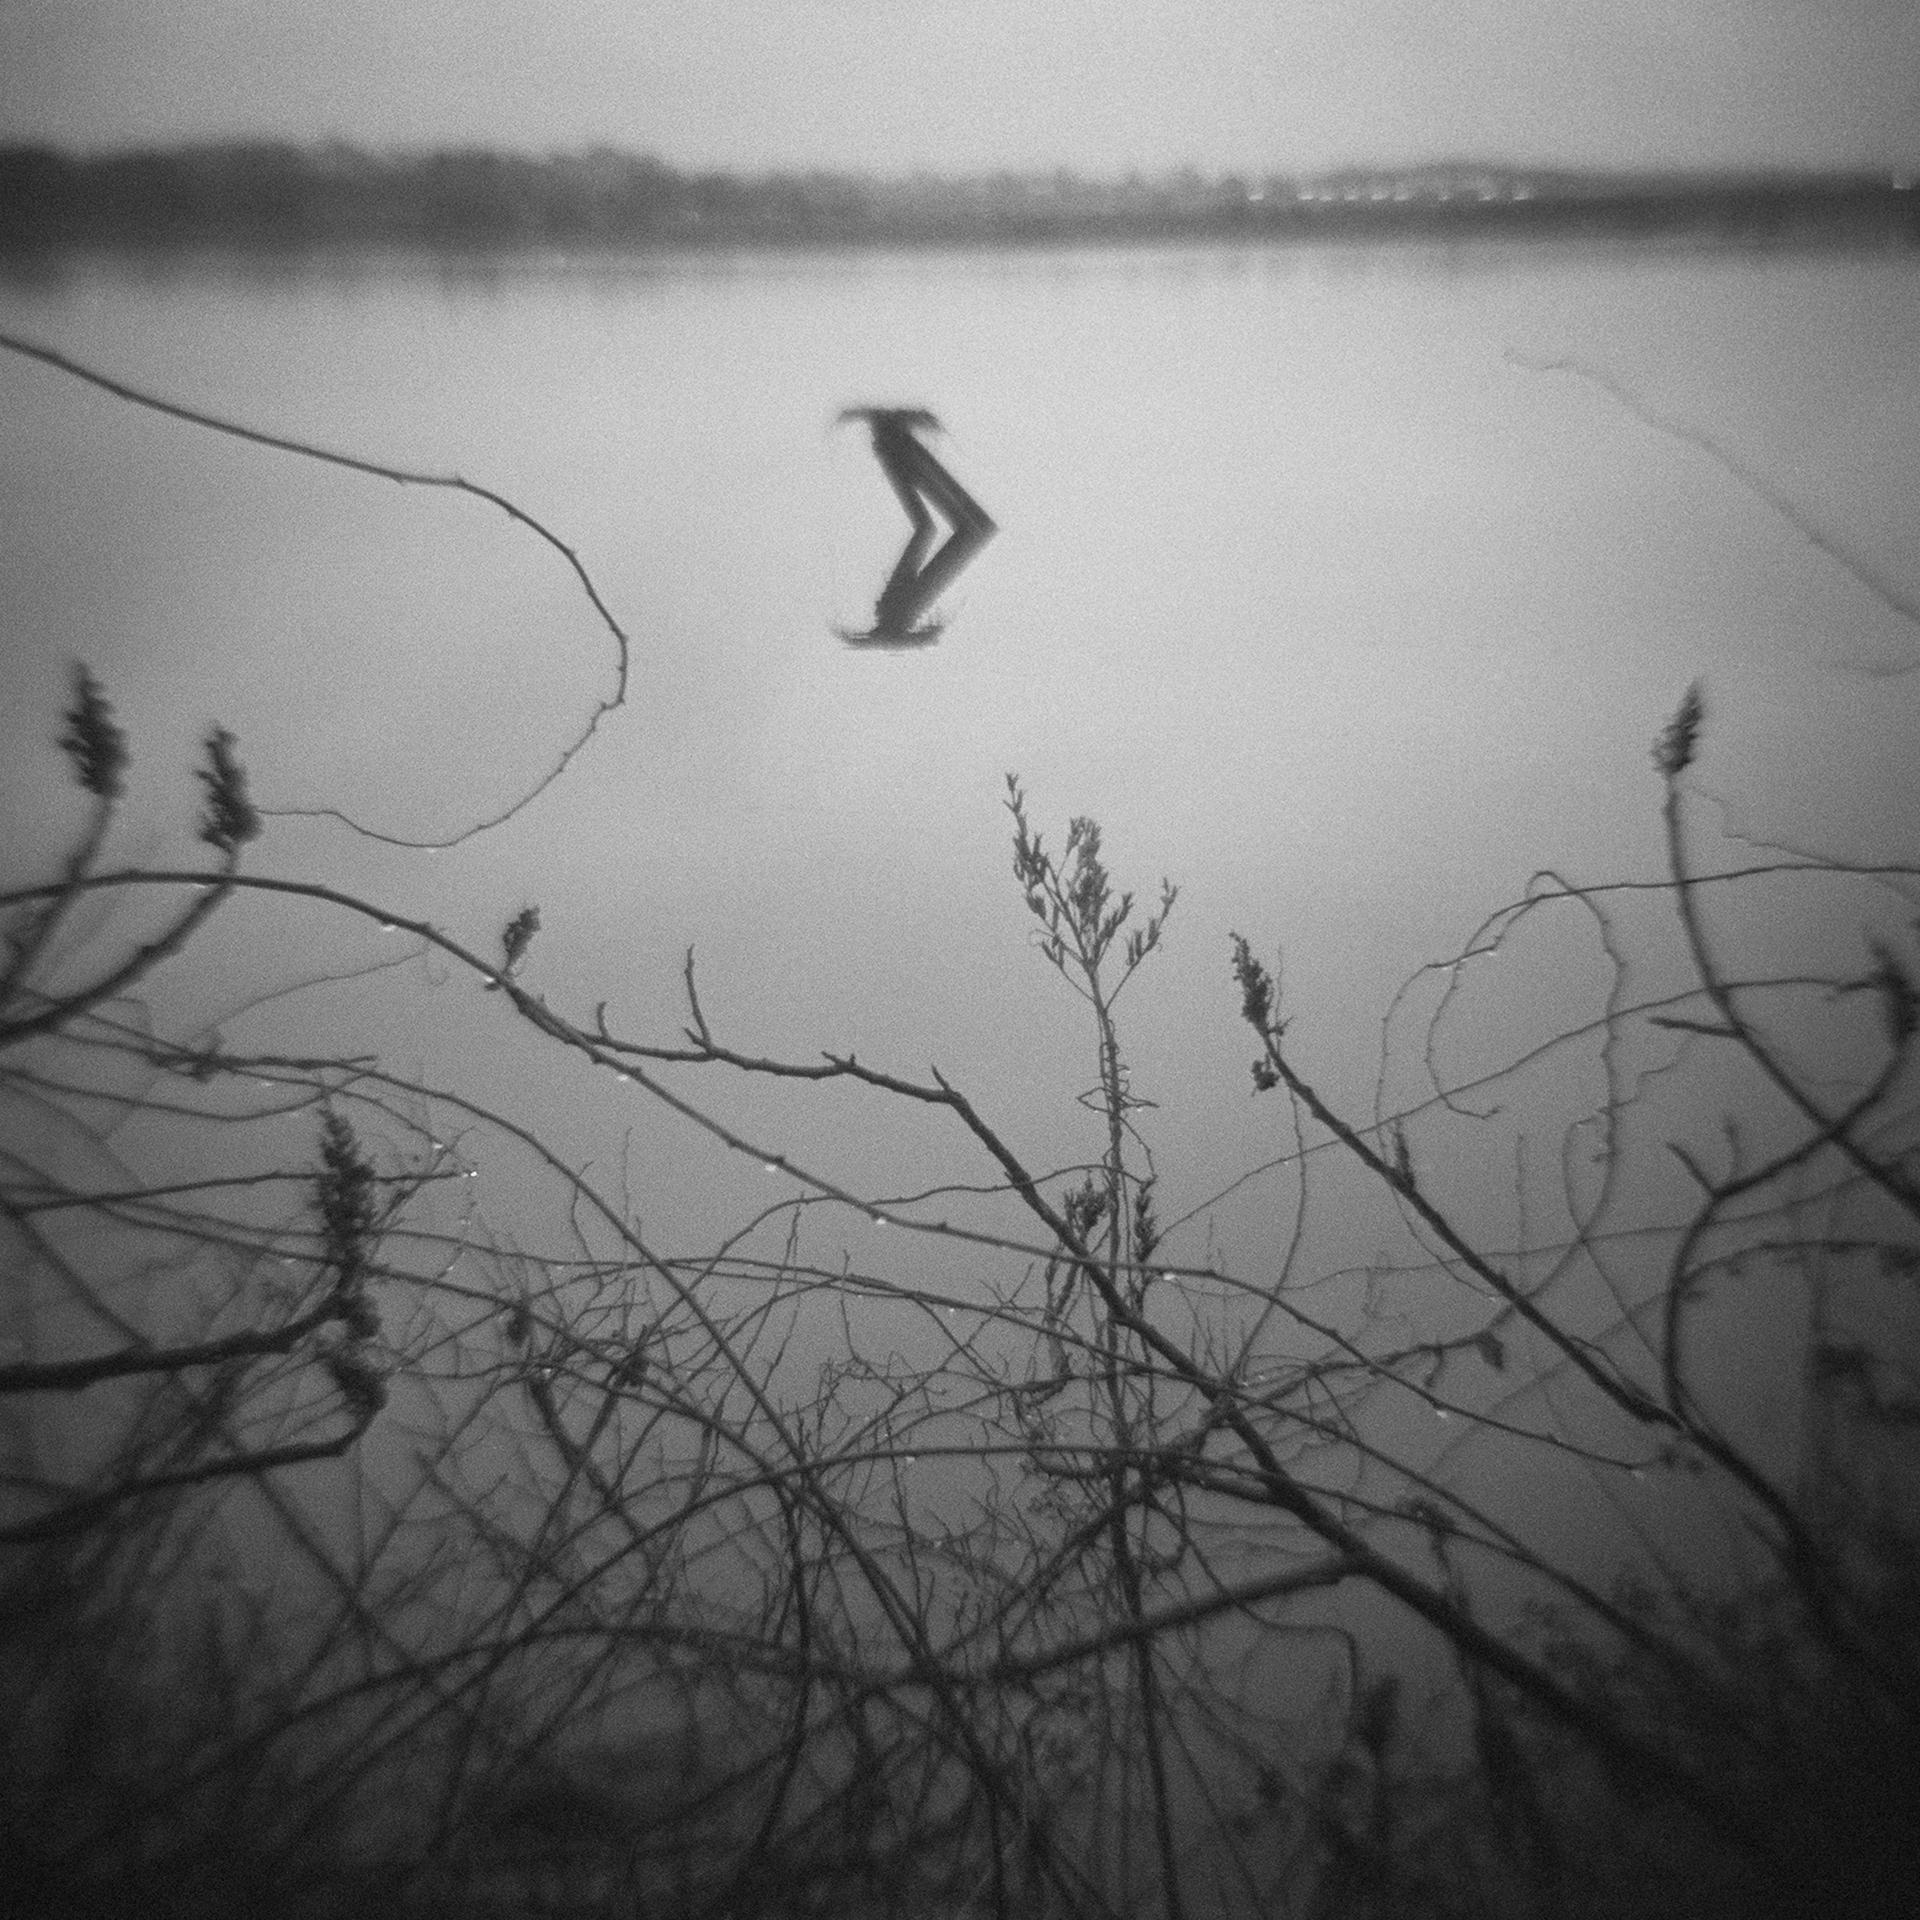 Untitled (nest), 2013